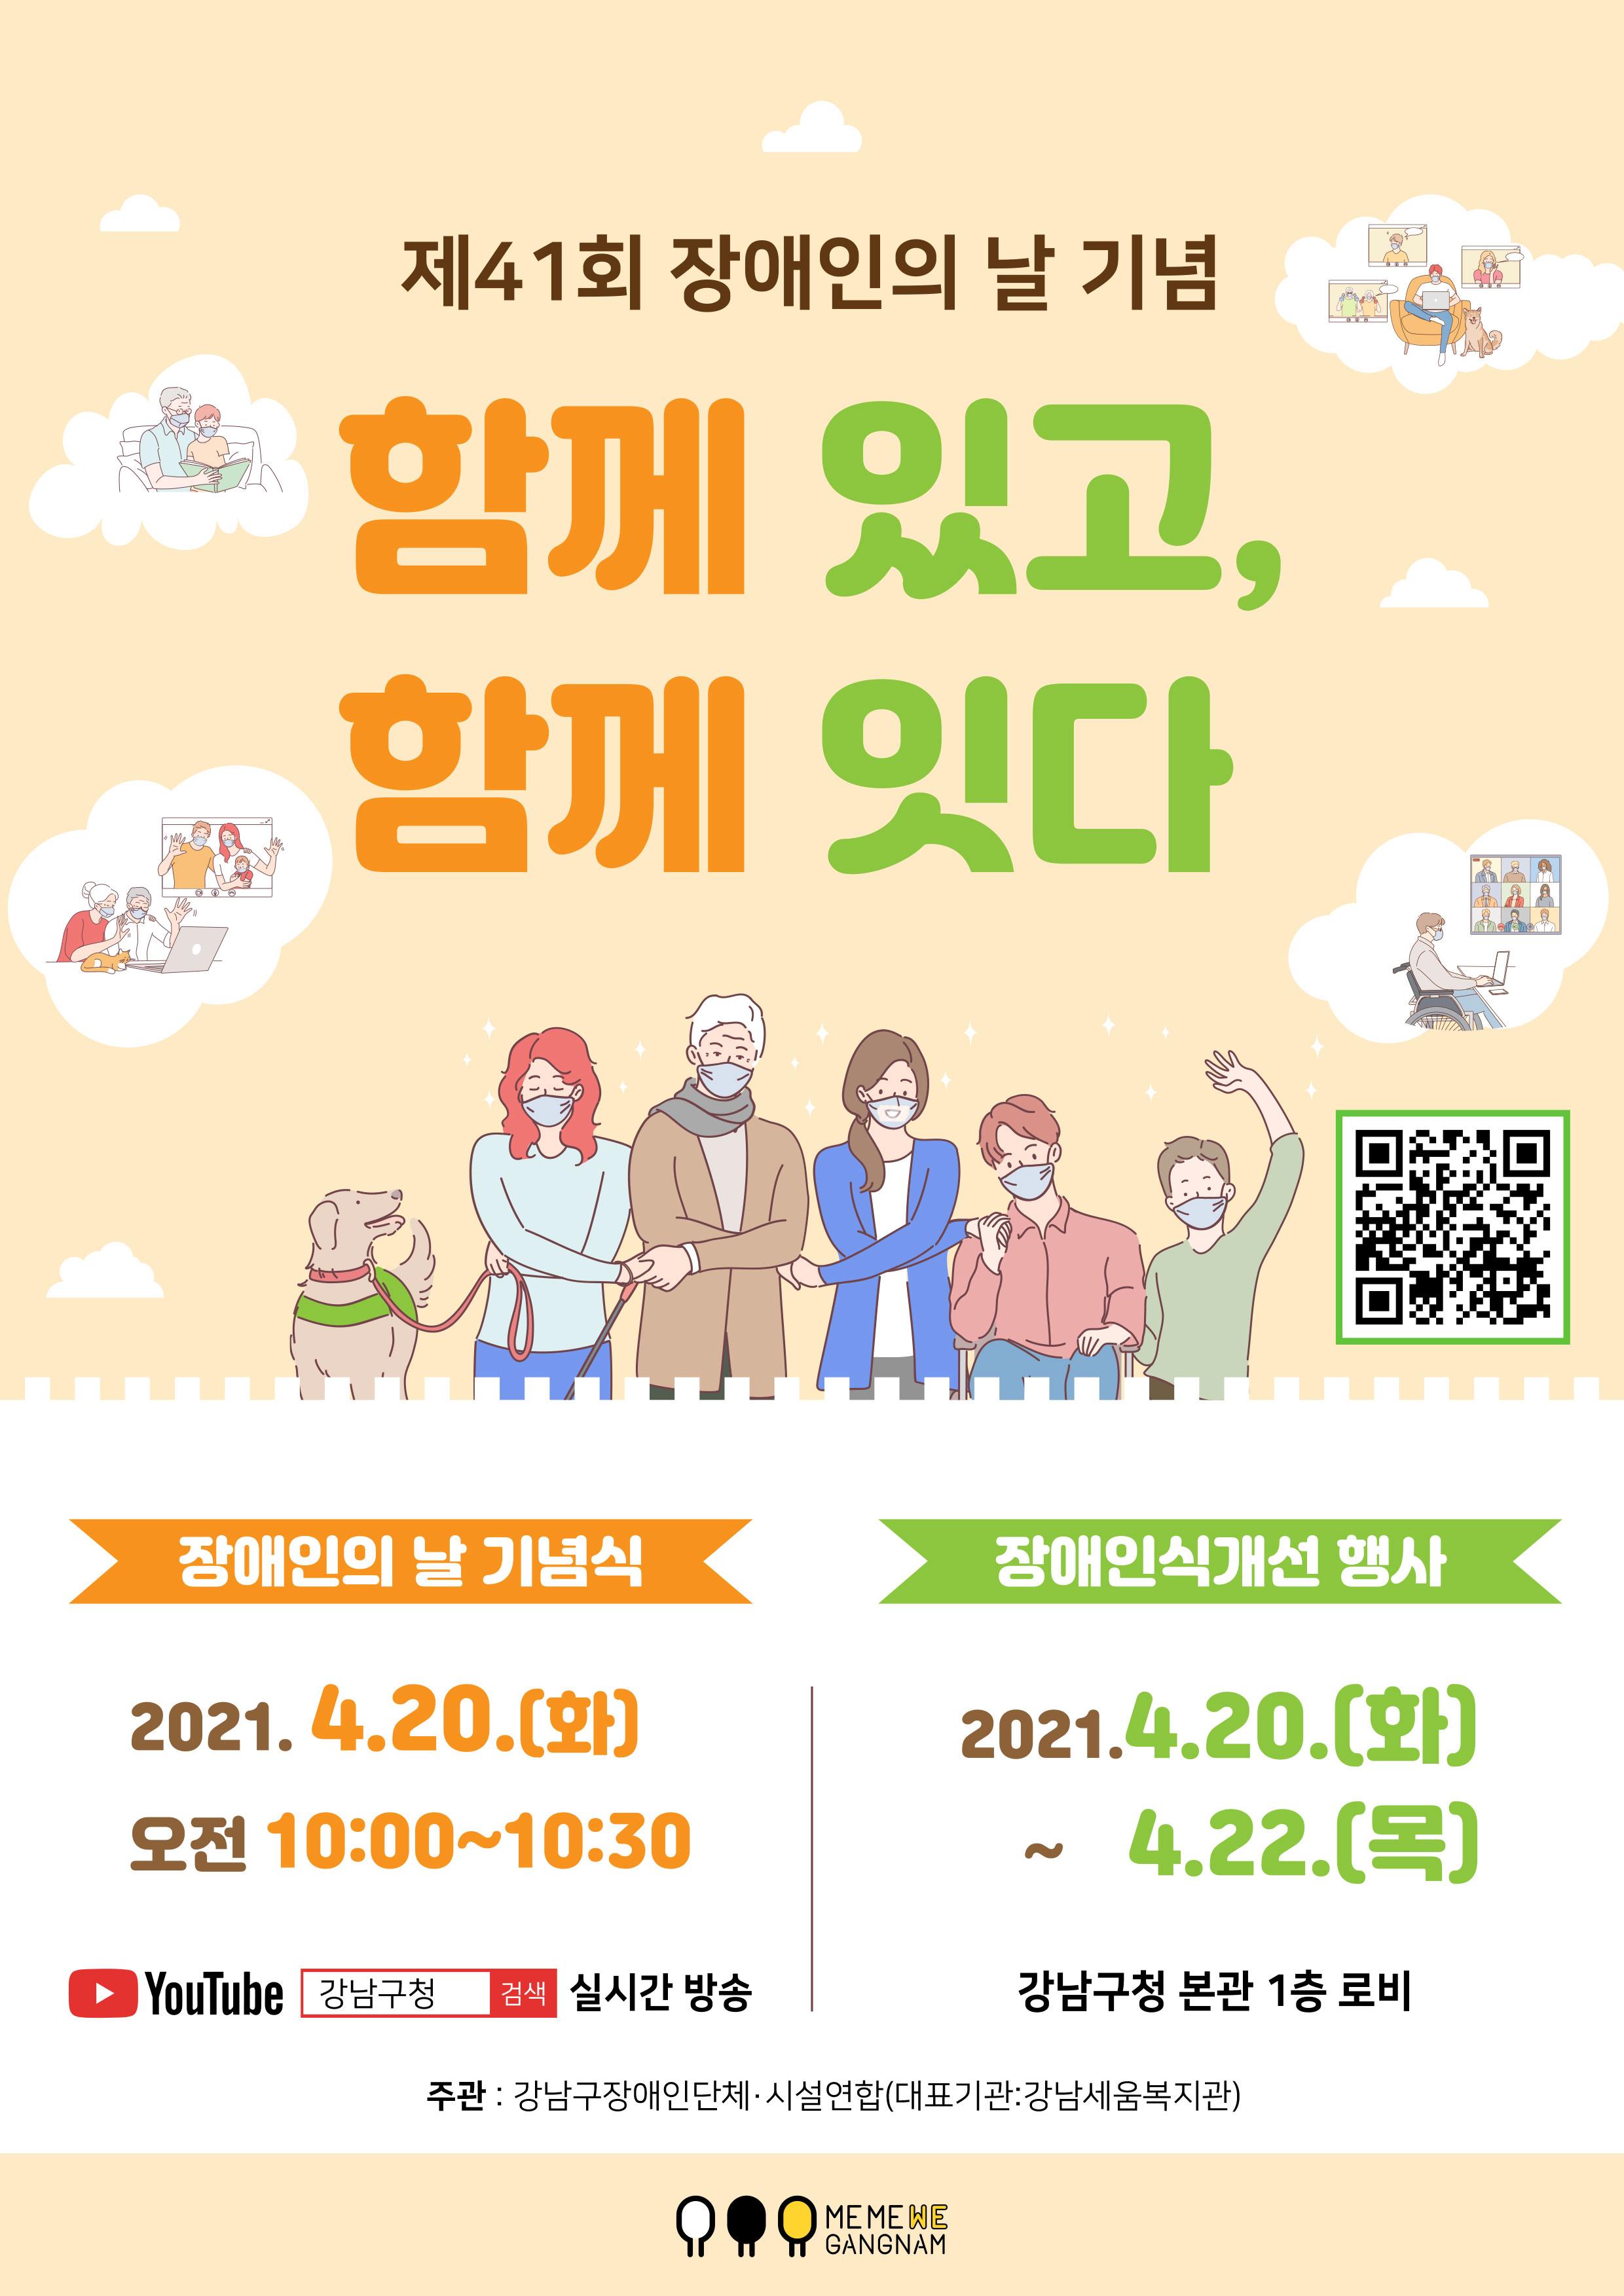 """20일'장애인의 날'기념 온택트 행사…""""장애인식 개선으로 구성원 모두 행복한'품격 강남'"""""""